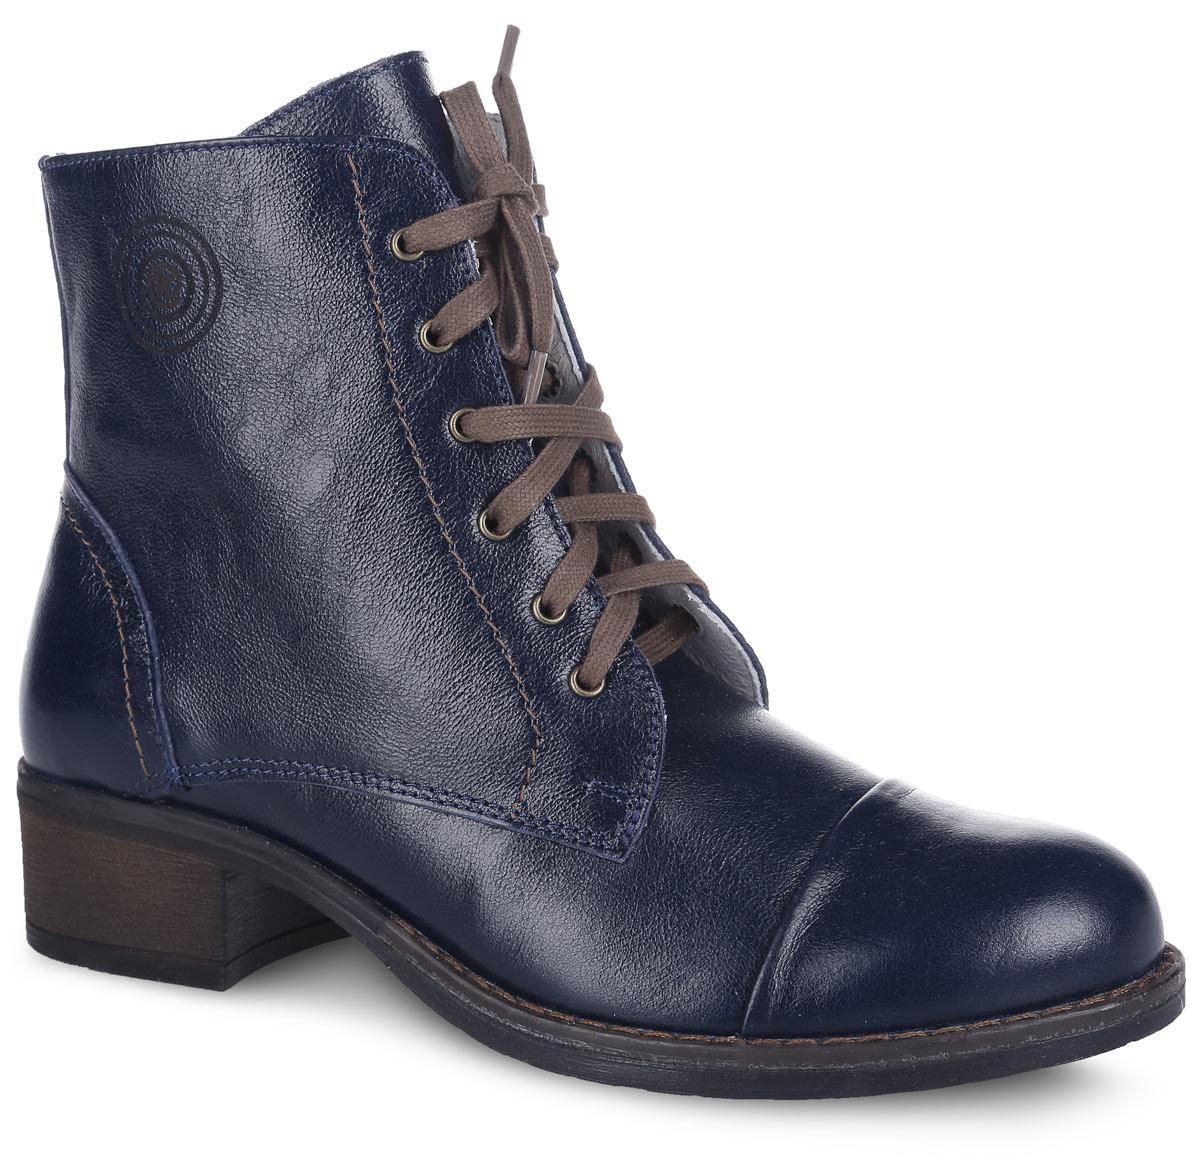 Ботинки для девочки. 752059-21752059-21Стильные высокие ботинки выполнены полностью из натуральной кожи. Кожаная подкладка абсорбирует образующуюся внутри обуви влагу и гарантирует полный комфорт. Удобная застежка – комбинация из молнии, позволяющей легко обувать и снимать ботинки и функциональной шнуровки, обеспечивающей идеальную фиксацию обуви на стопе. Подошва с небольшим каблучком гарантирует комфорт в течение дня.